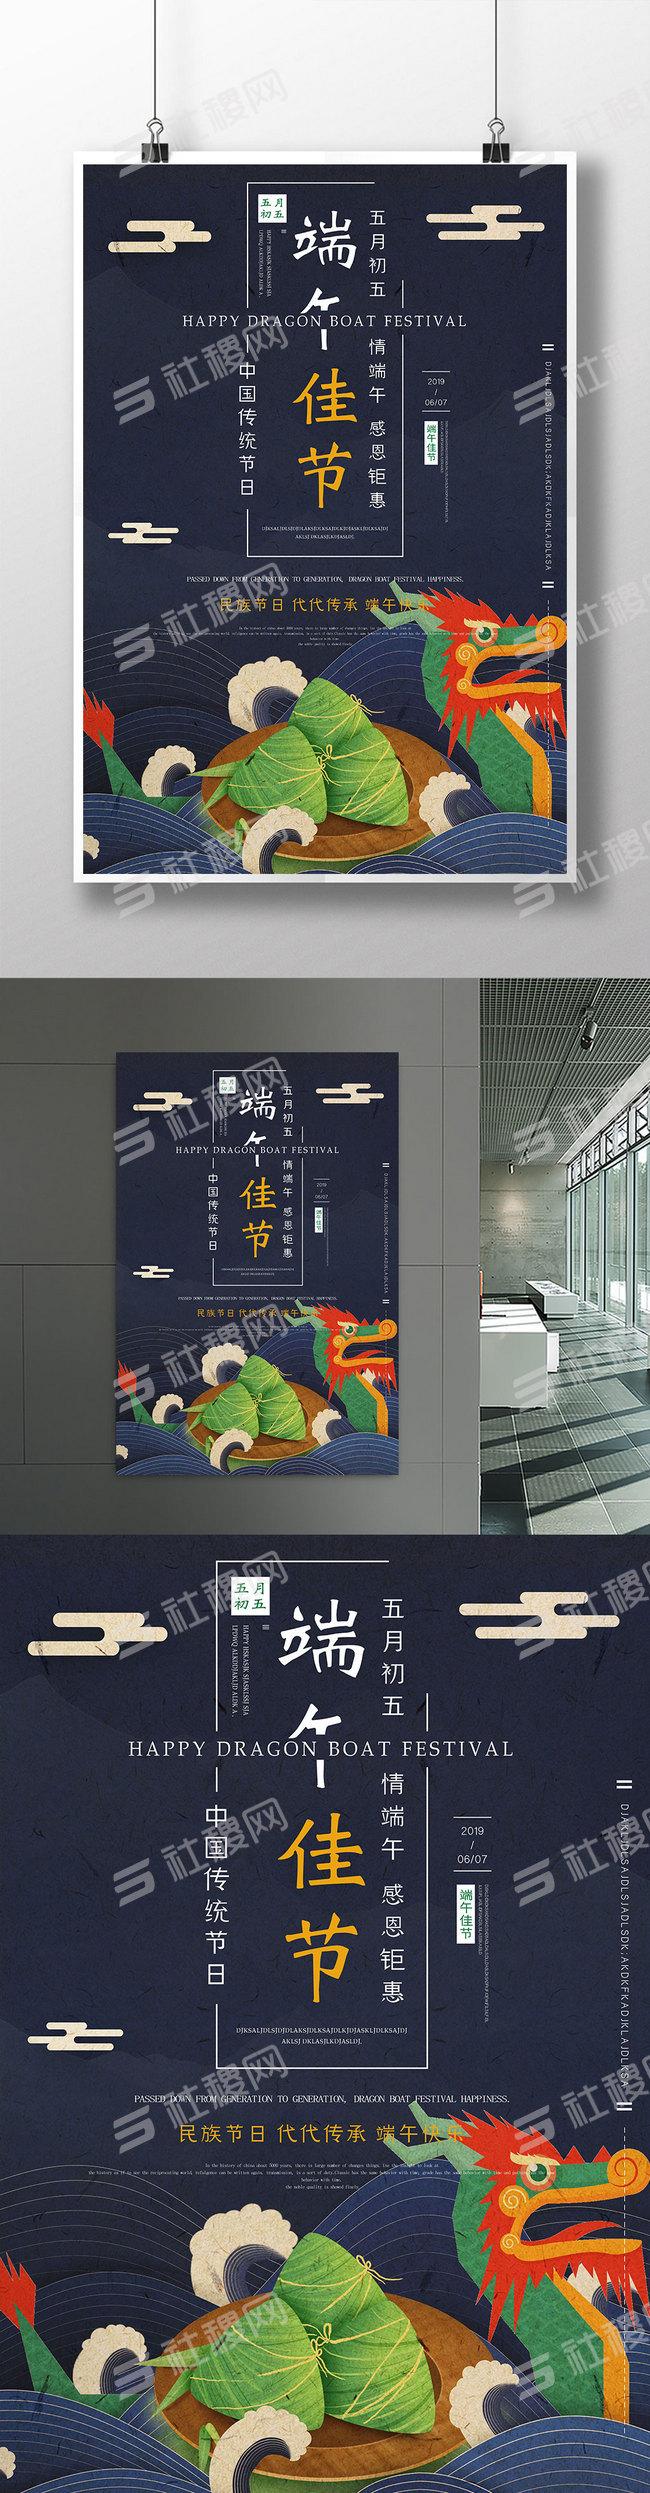 端午节海报模板设计psd